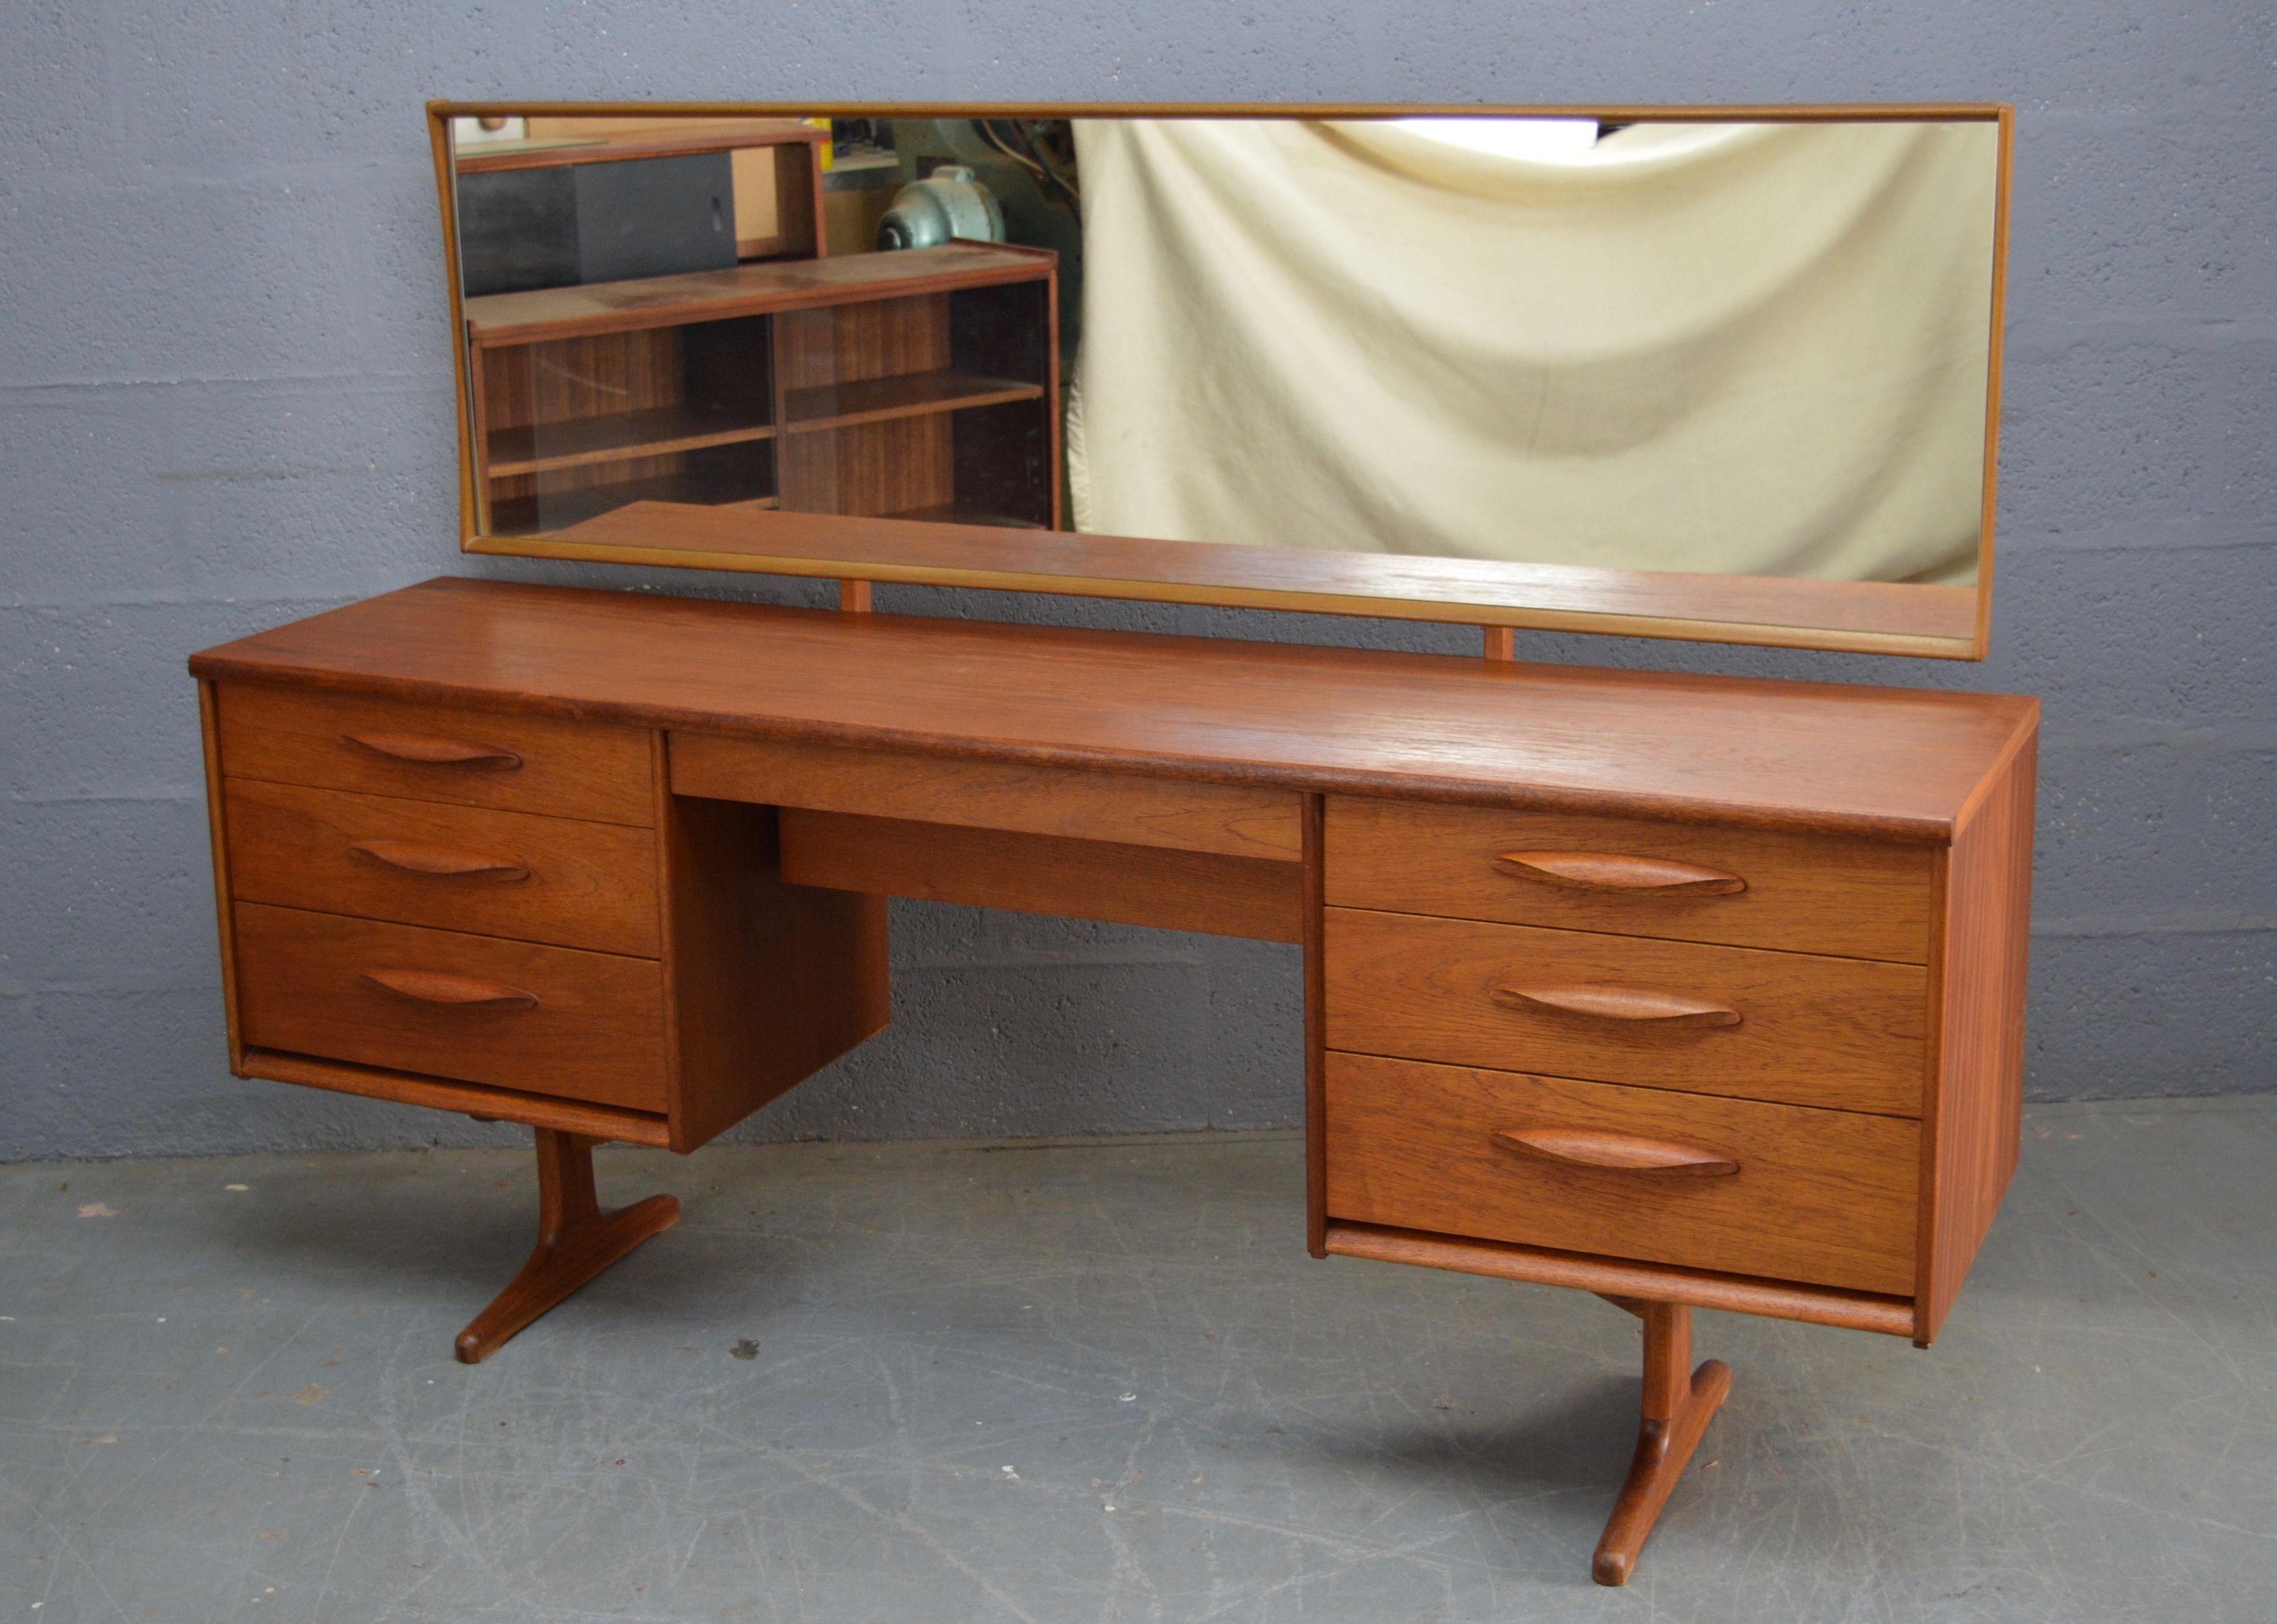 Vintage teak dressing table by Austinsuite - Design Market